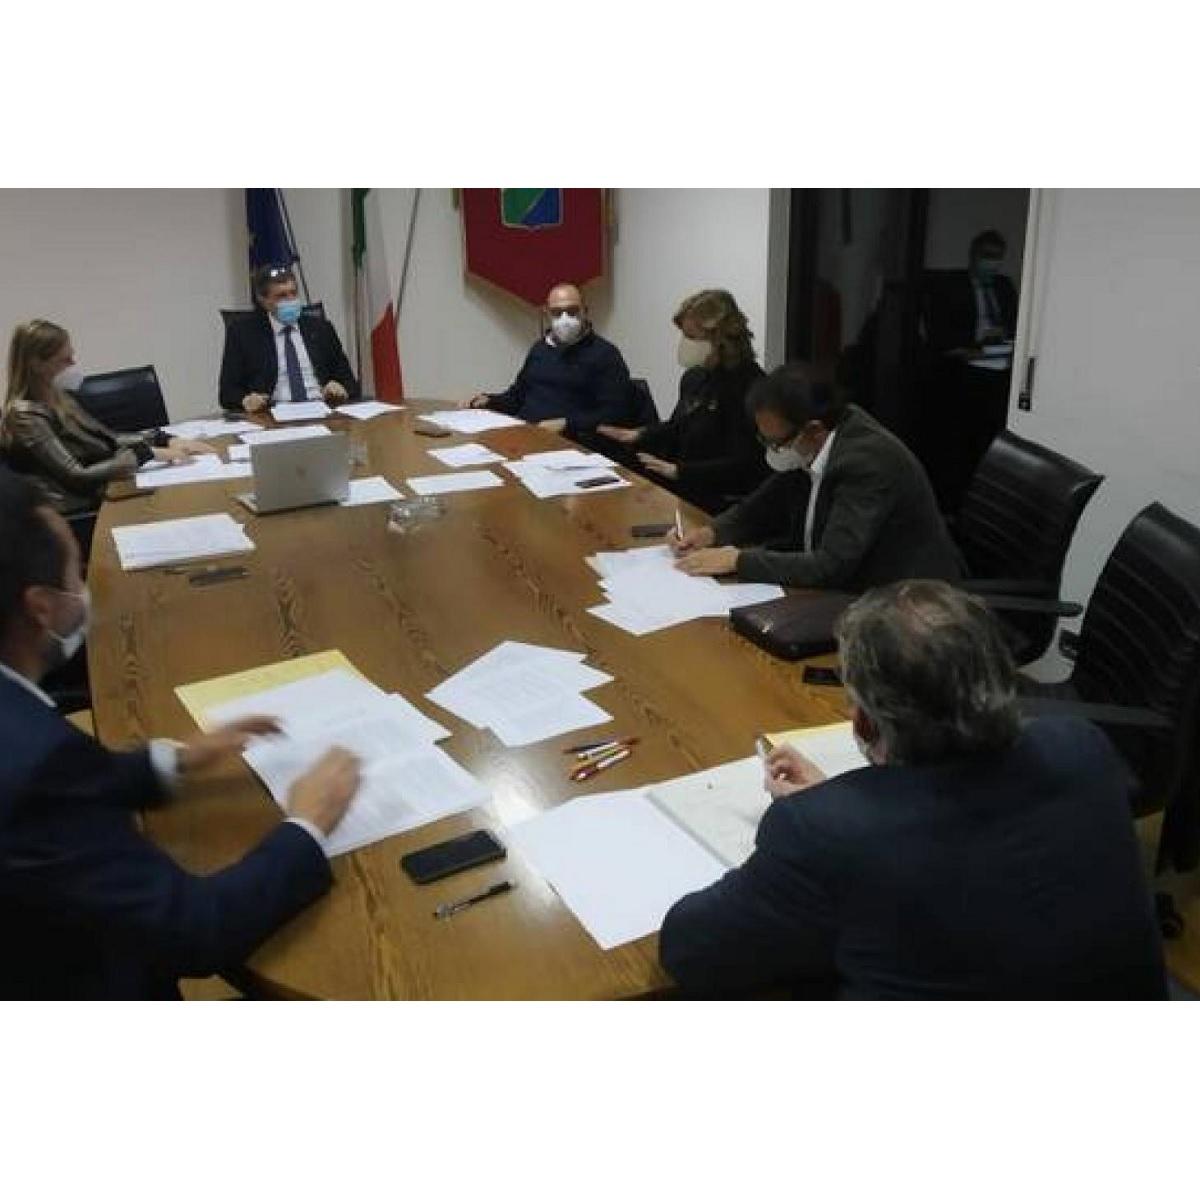 Seduta Giunta Regione Abruzzo 4 marzo 2021 foto